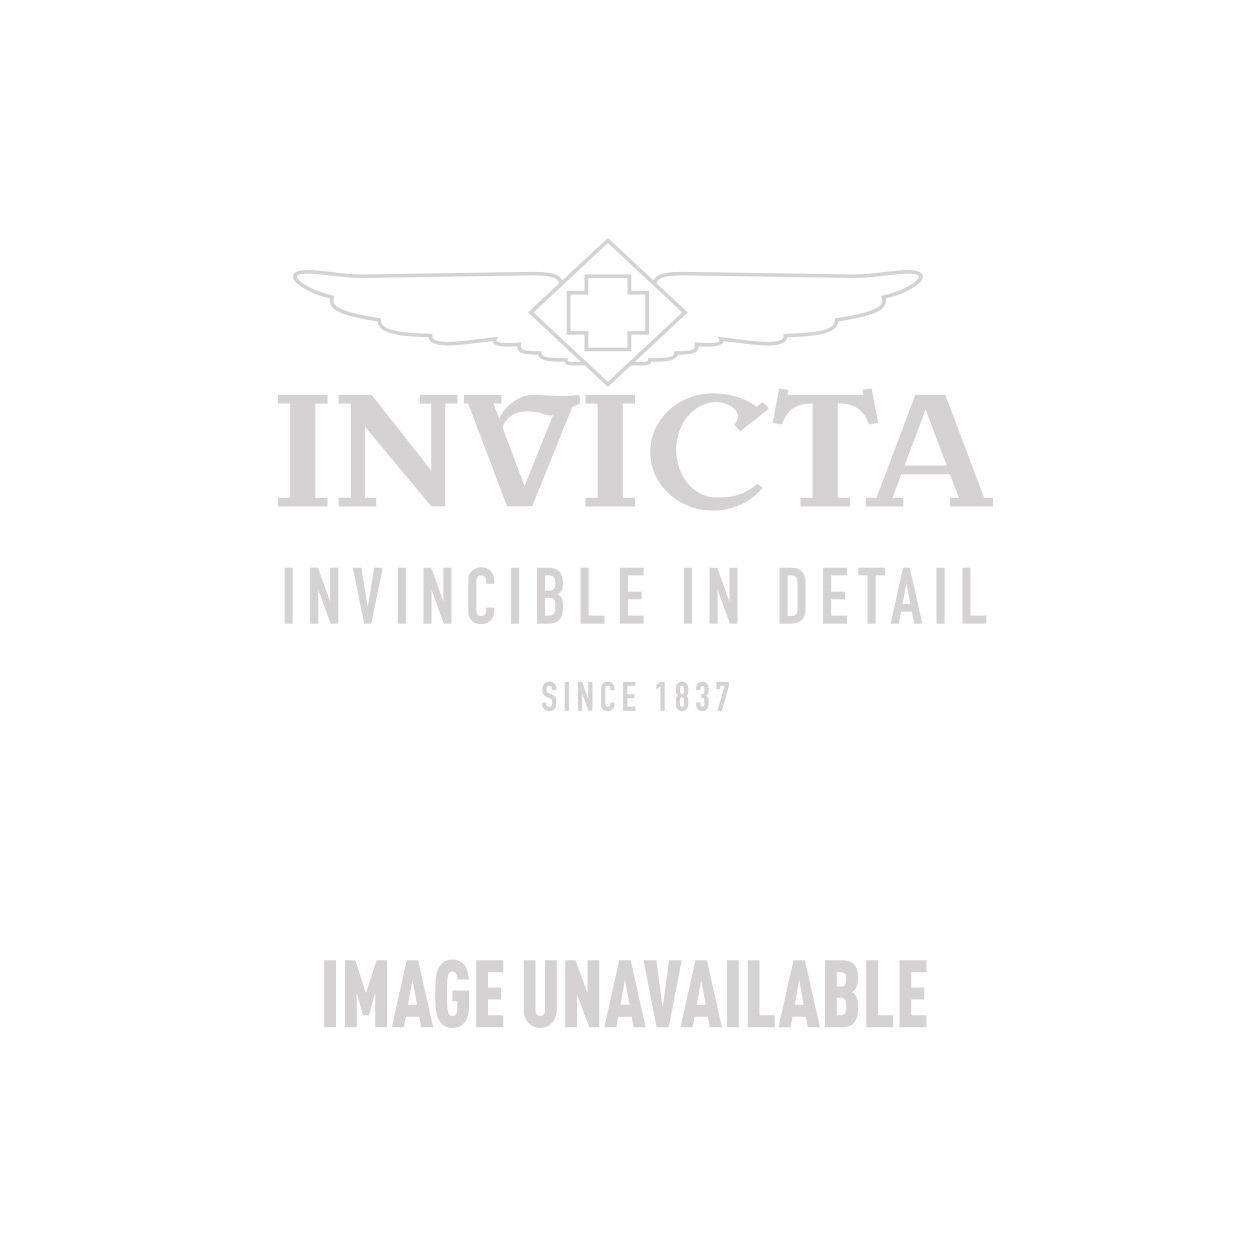 Invicta Model 29384